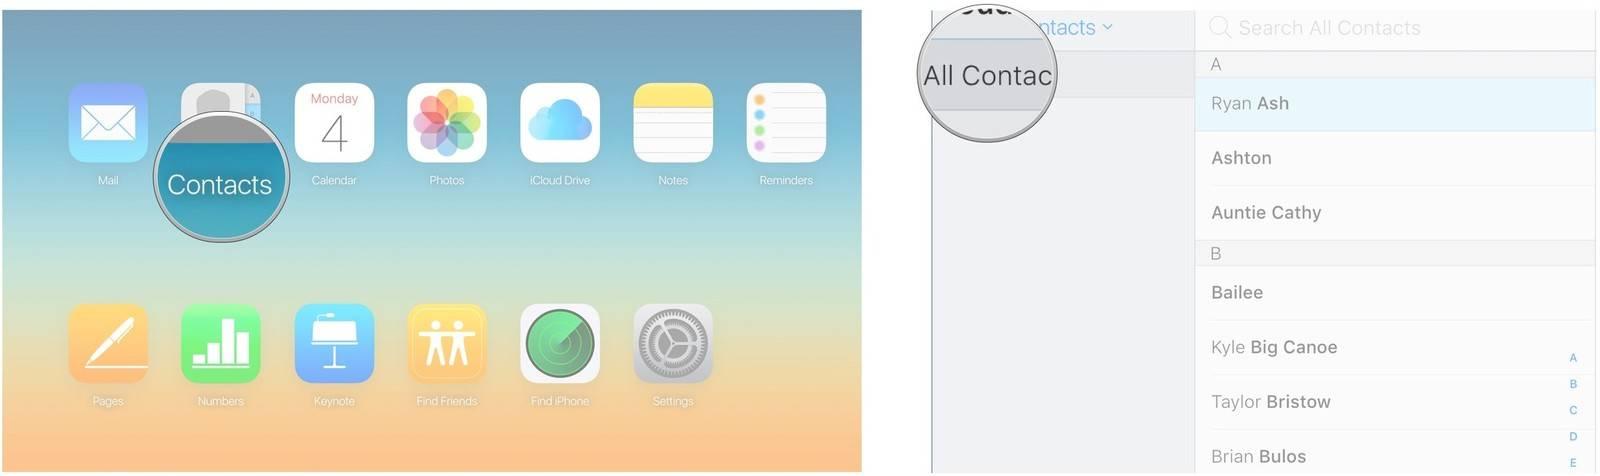 روش export کردن مخاطبین آیفون با استفاده از iCloud,روشتک,raveshtech